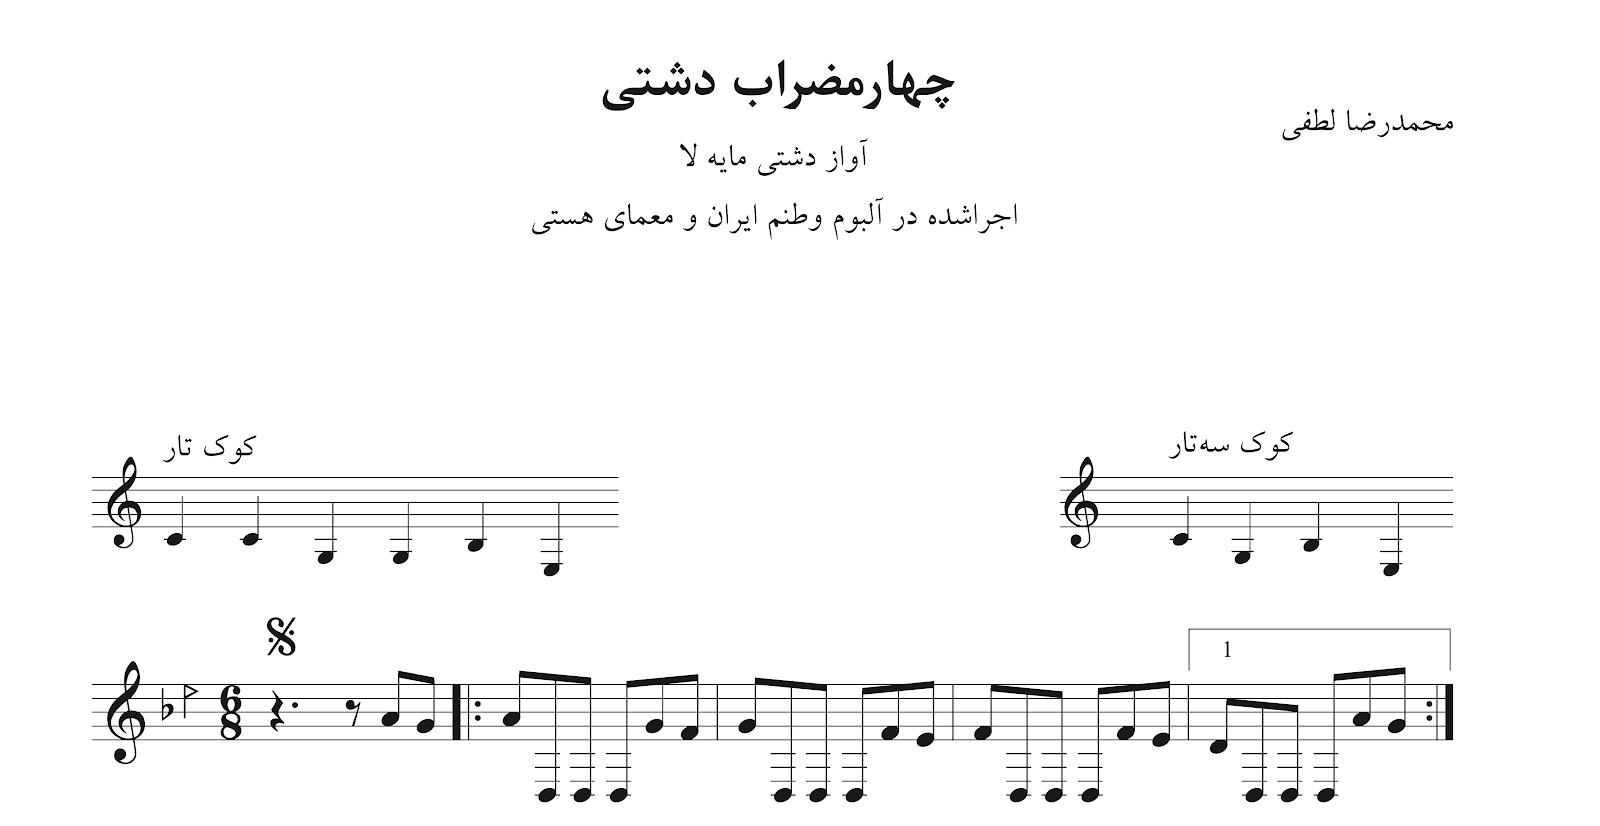 نت چهارمضراب دشتی لا محمدرضا لطفی آلبوم وطنم ایران و معمای هستی